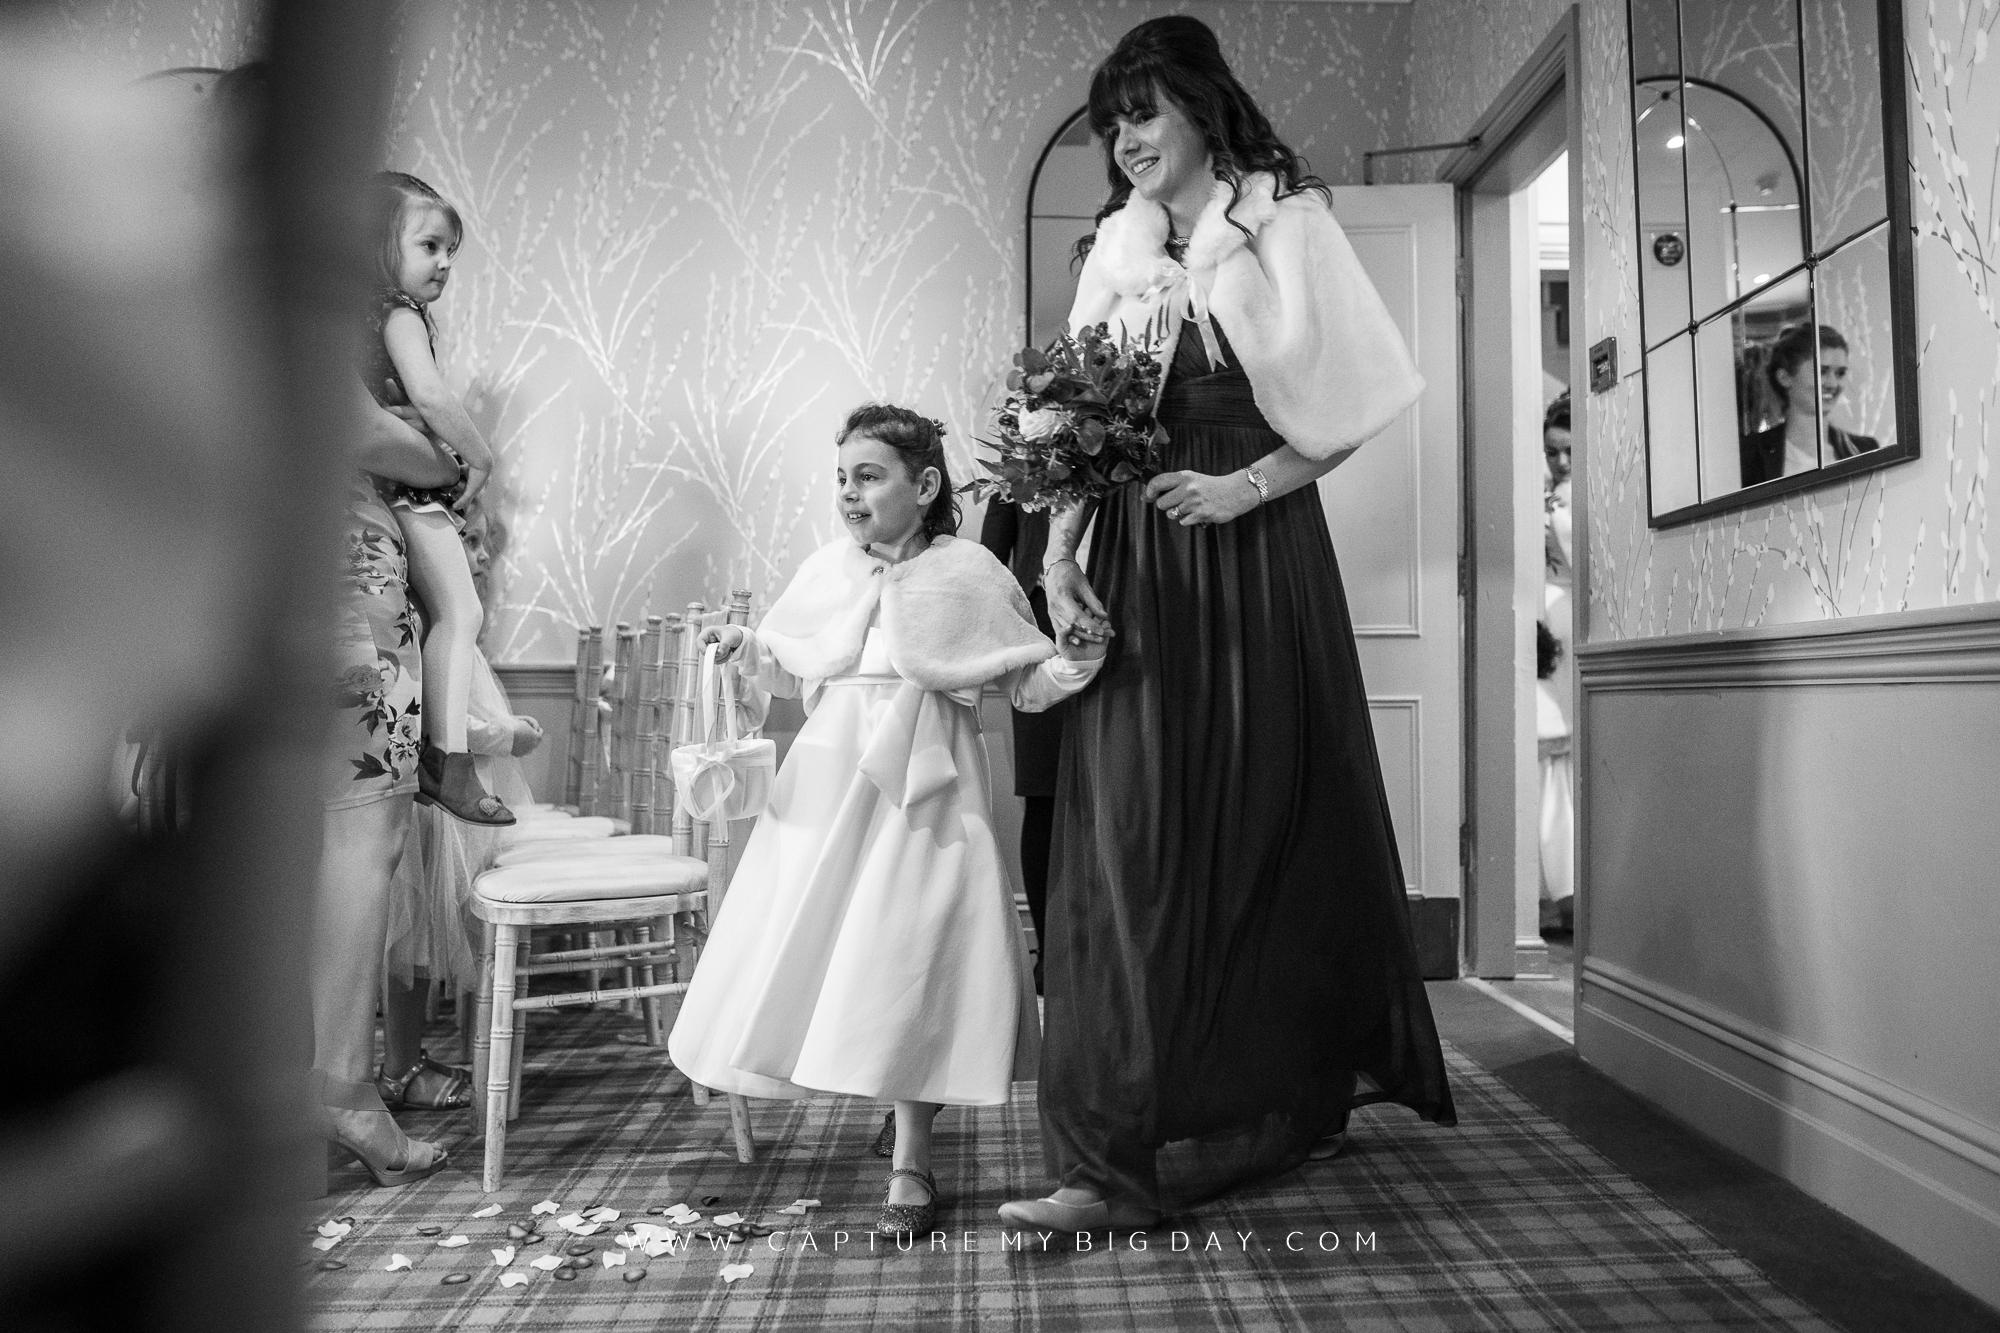 bridesmaid down aisle